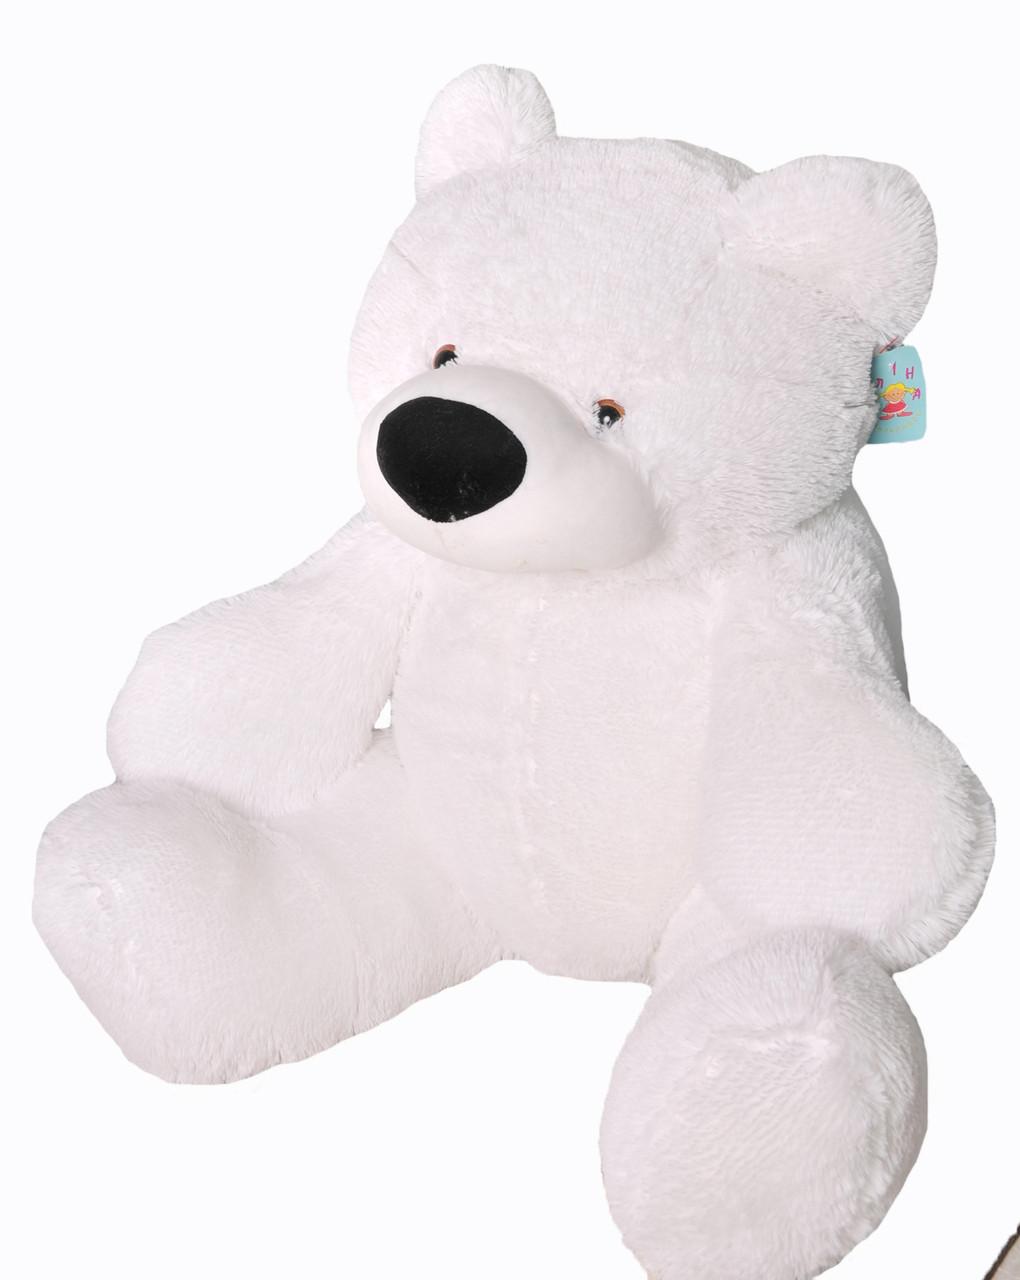 Плюшевая игрушка Медведь  Бублик 95 см белый